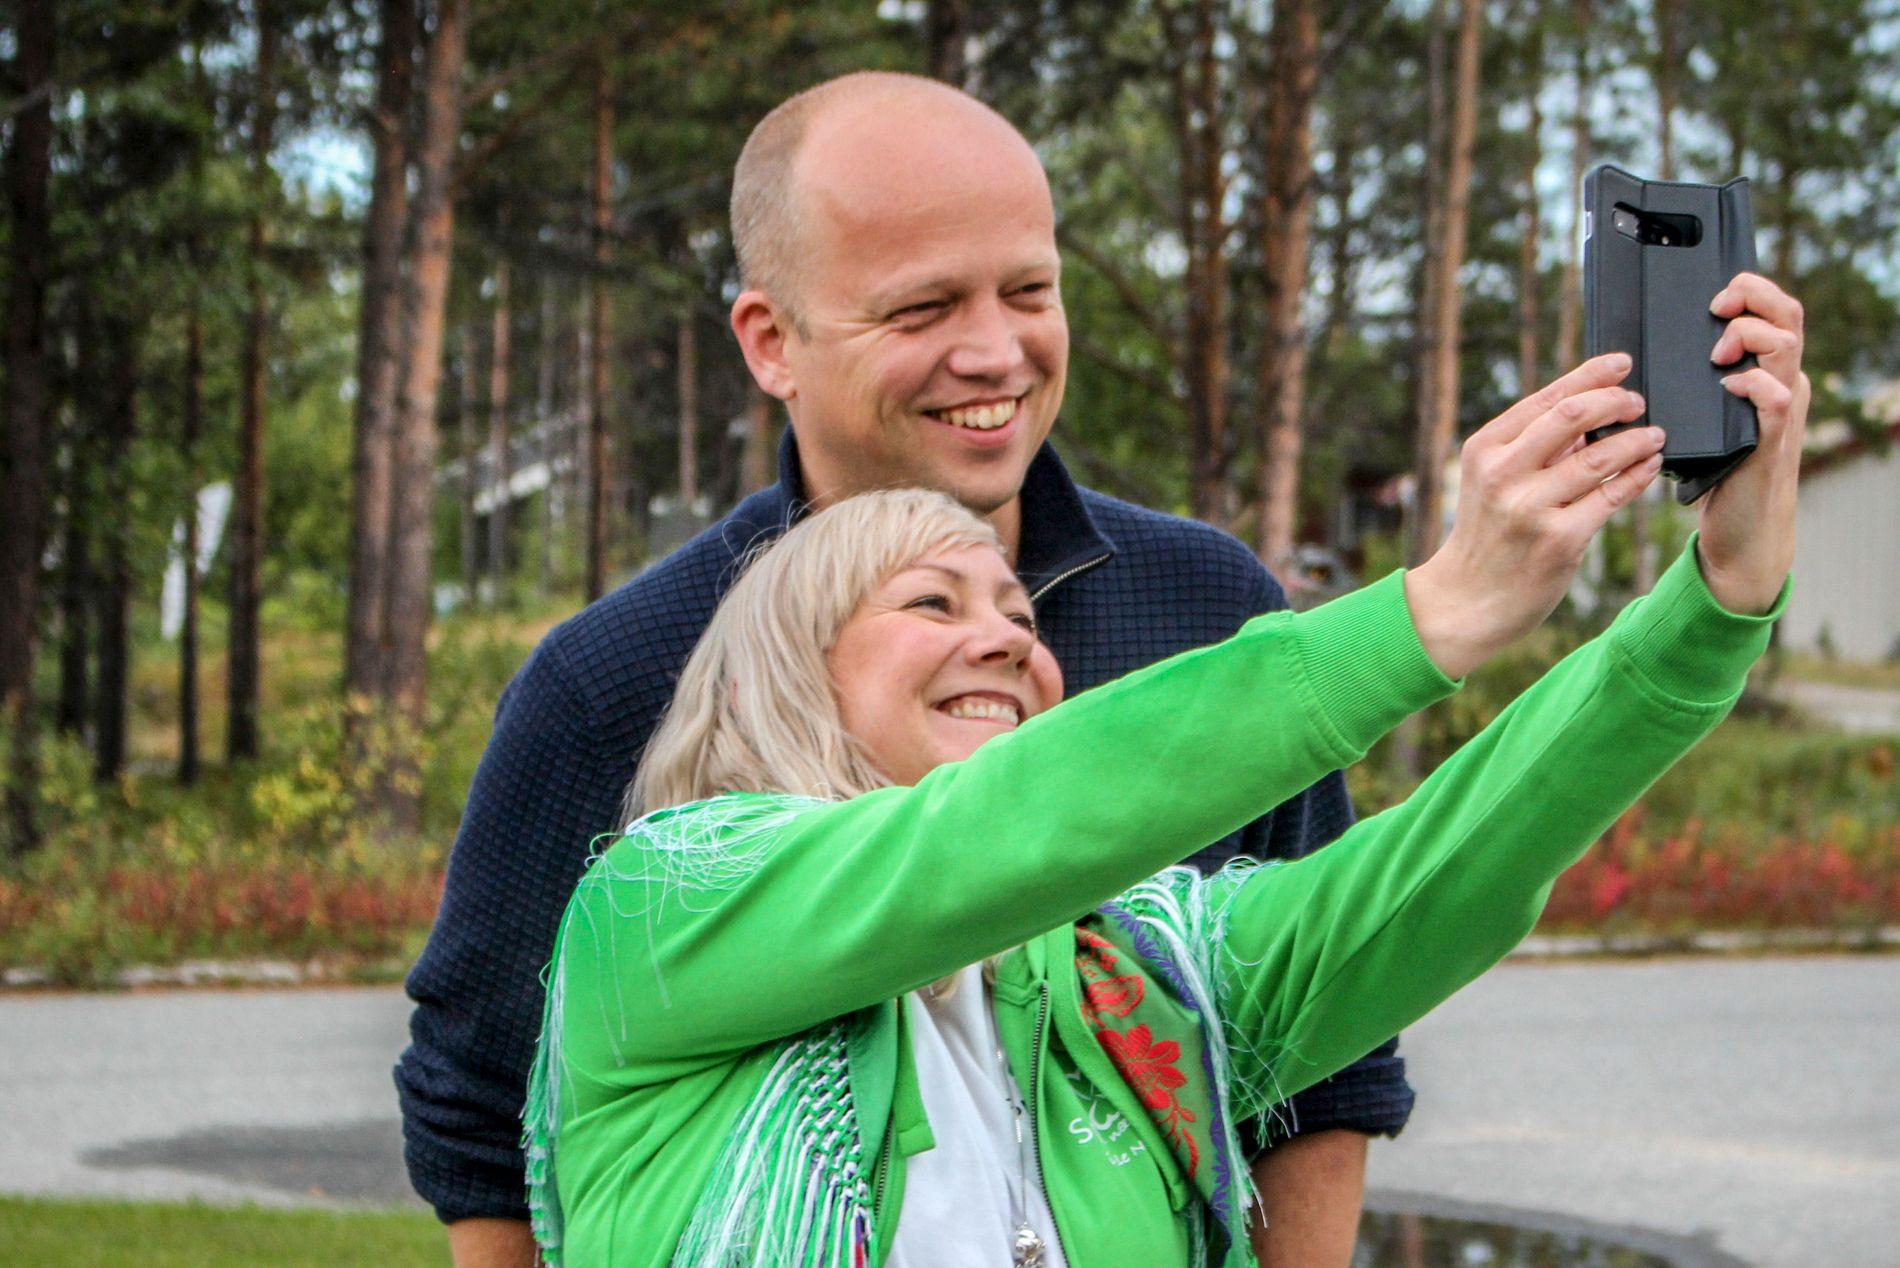 PARTILEDER-SELFIE: Blir Toril Eriksen Balto ordfører i Karasjok, vil hun først se til Karasjoklista, Flyttsamelista og Samefolkets parti for samarbeid – fremfor Ap.